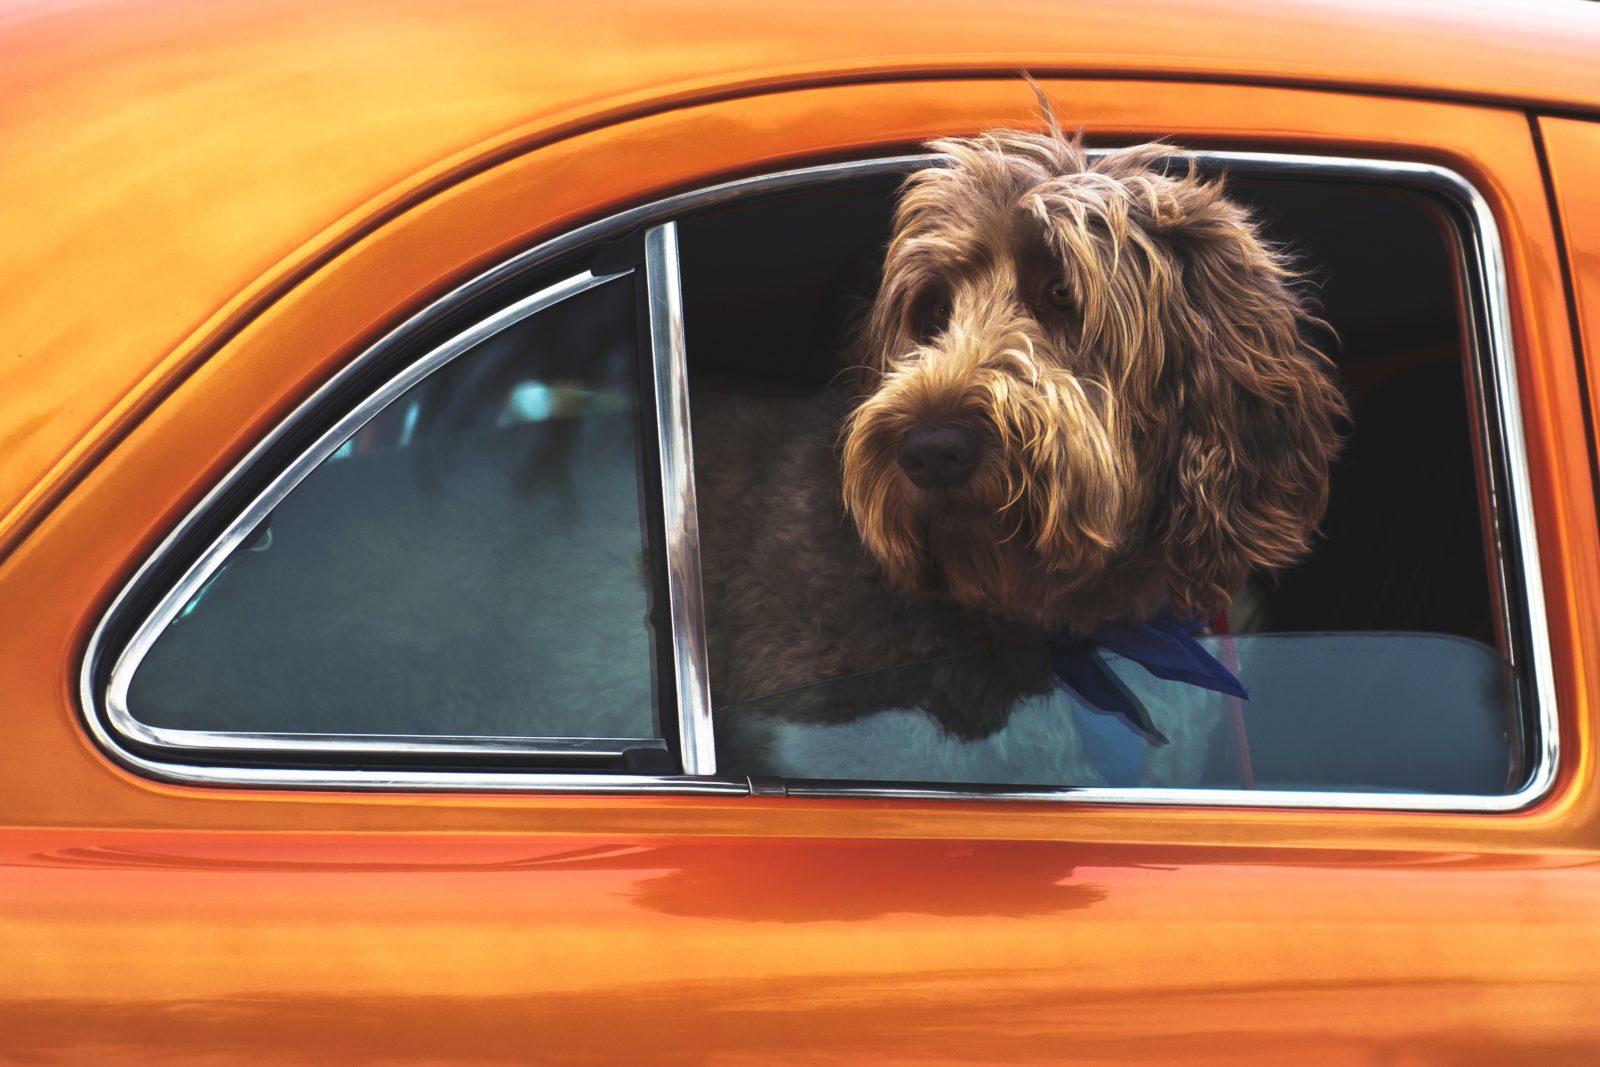 cachorro com cabeça pra fora do carro na janela, mas com cinto de segurança para cachorro